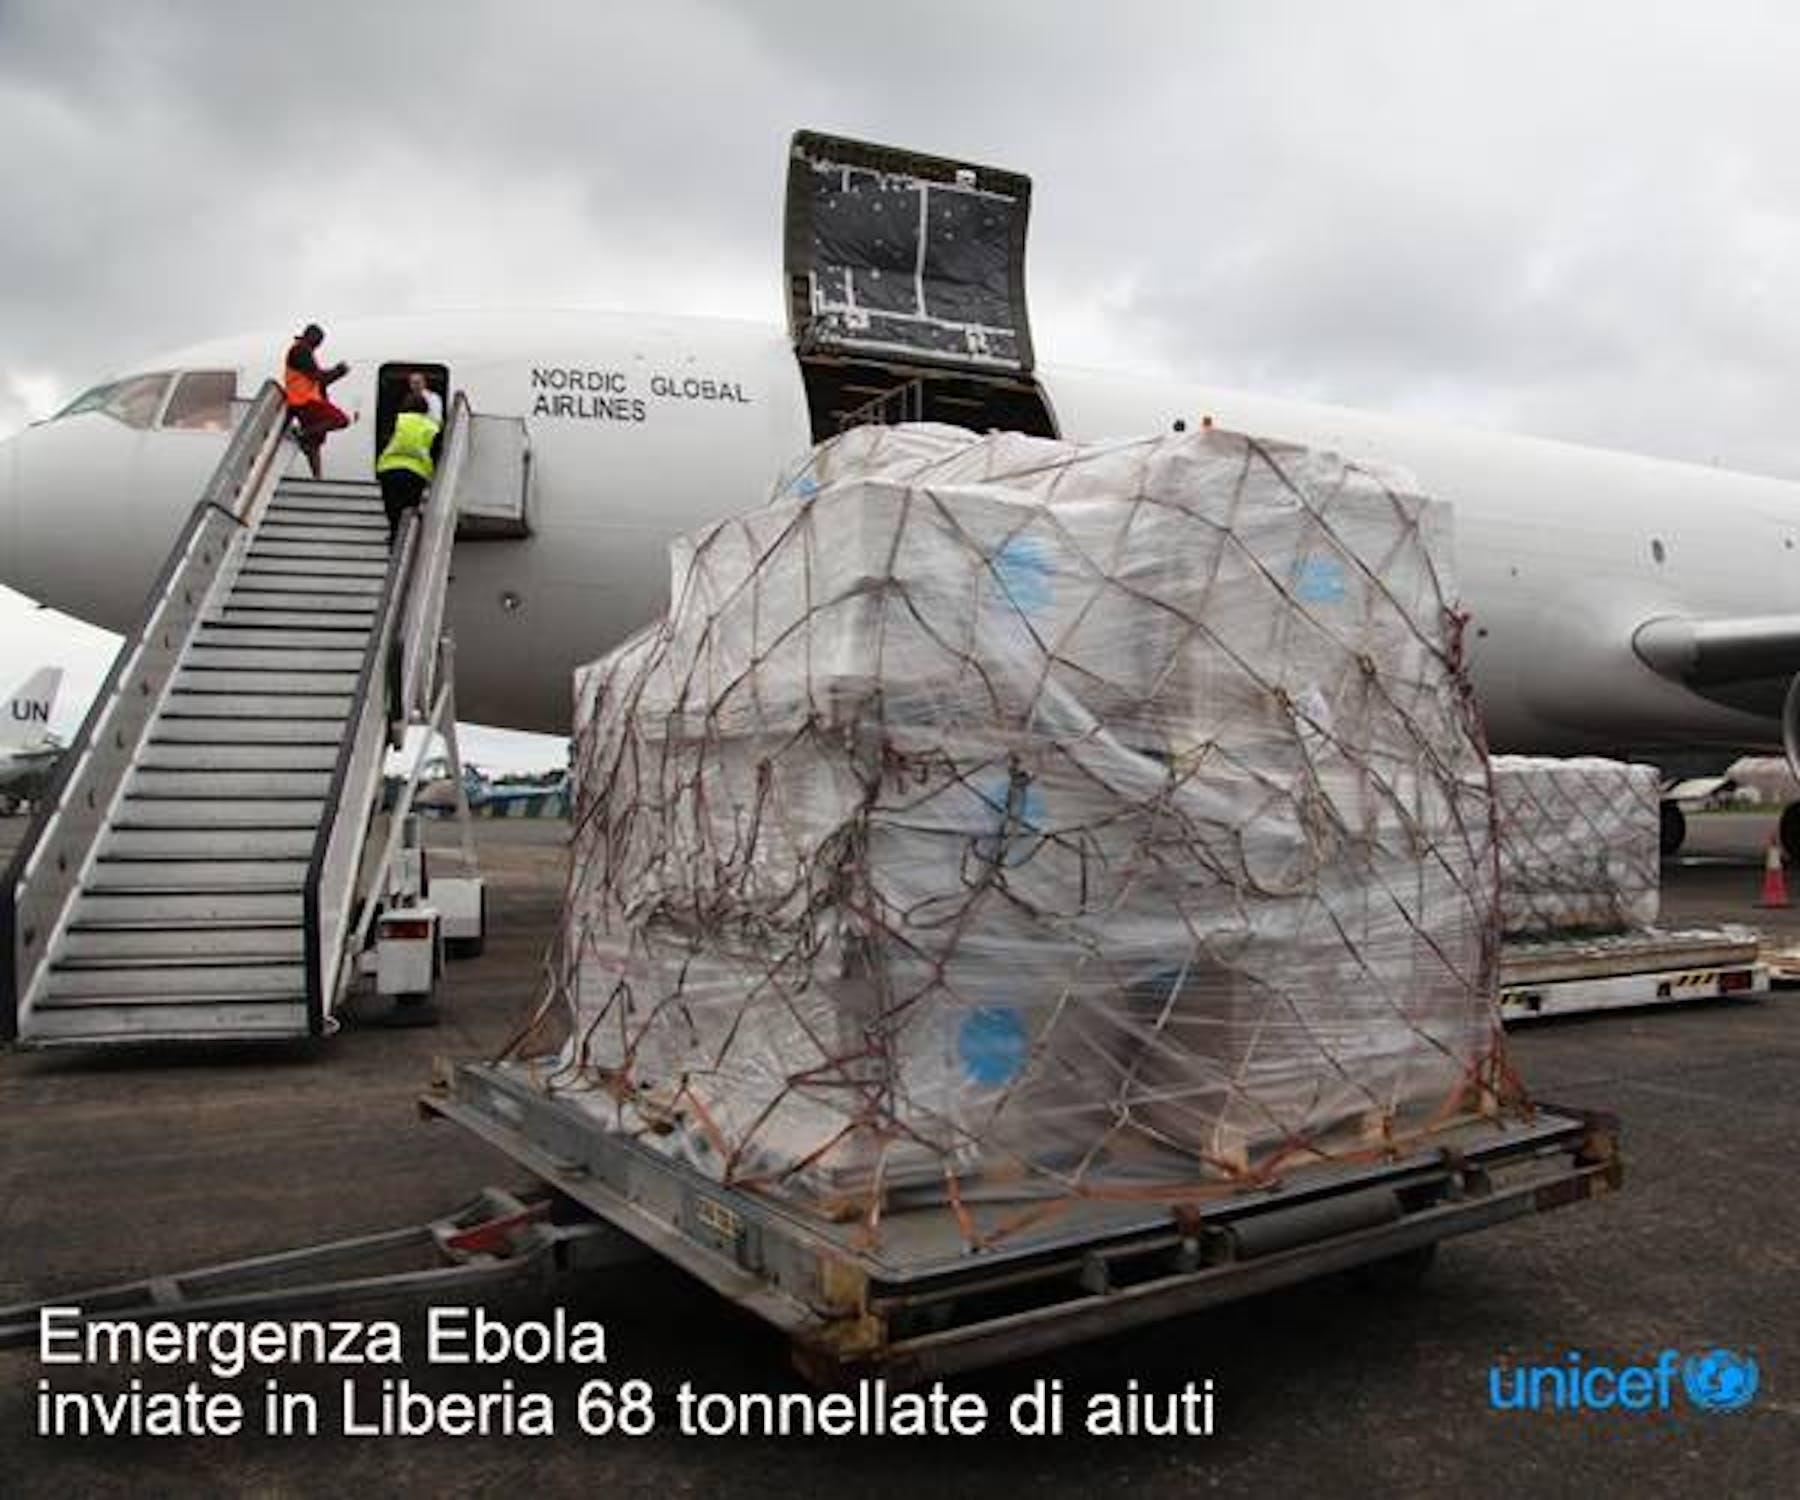 L'aereo cargo con 68 tonnellate di forniture sanitarie e igieniche per combattere la peggiore epidemia di Ebola nella storia